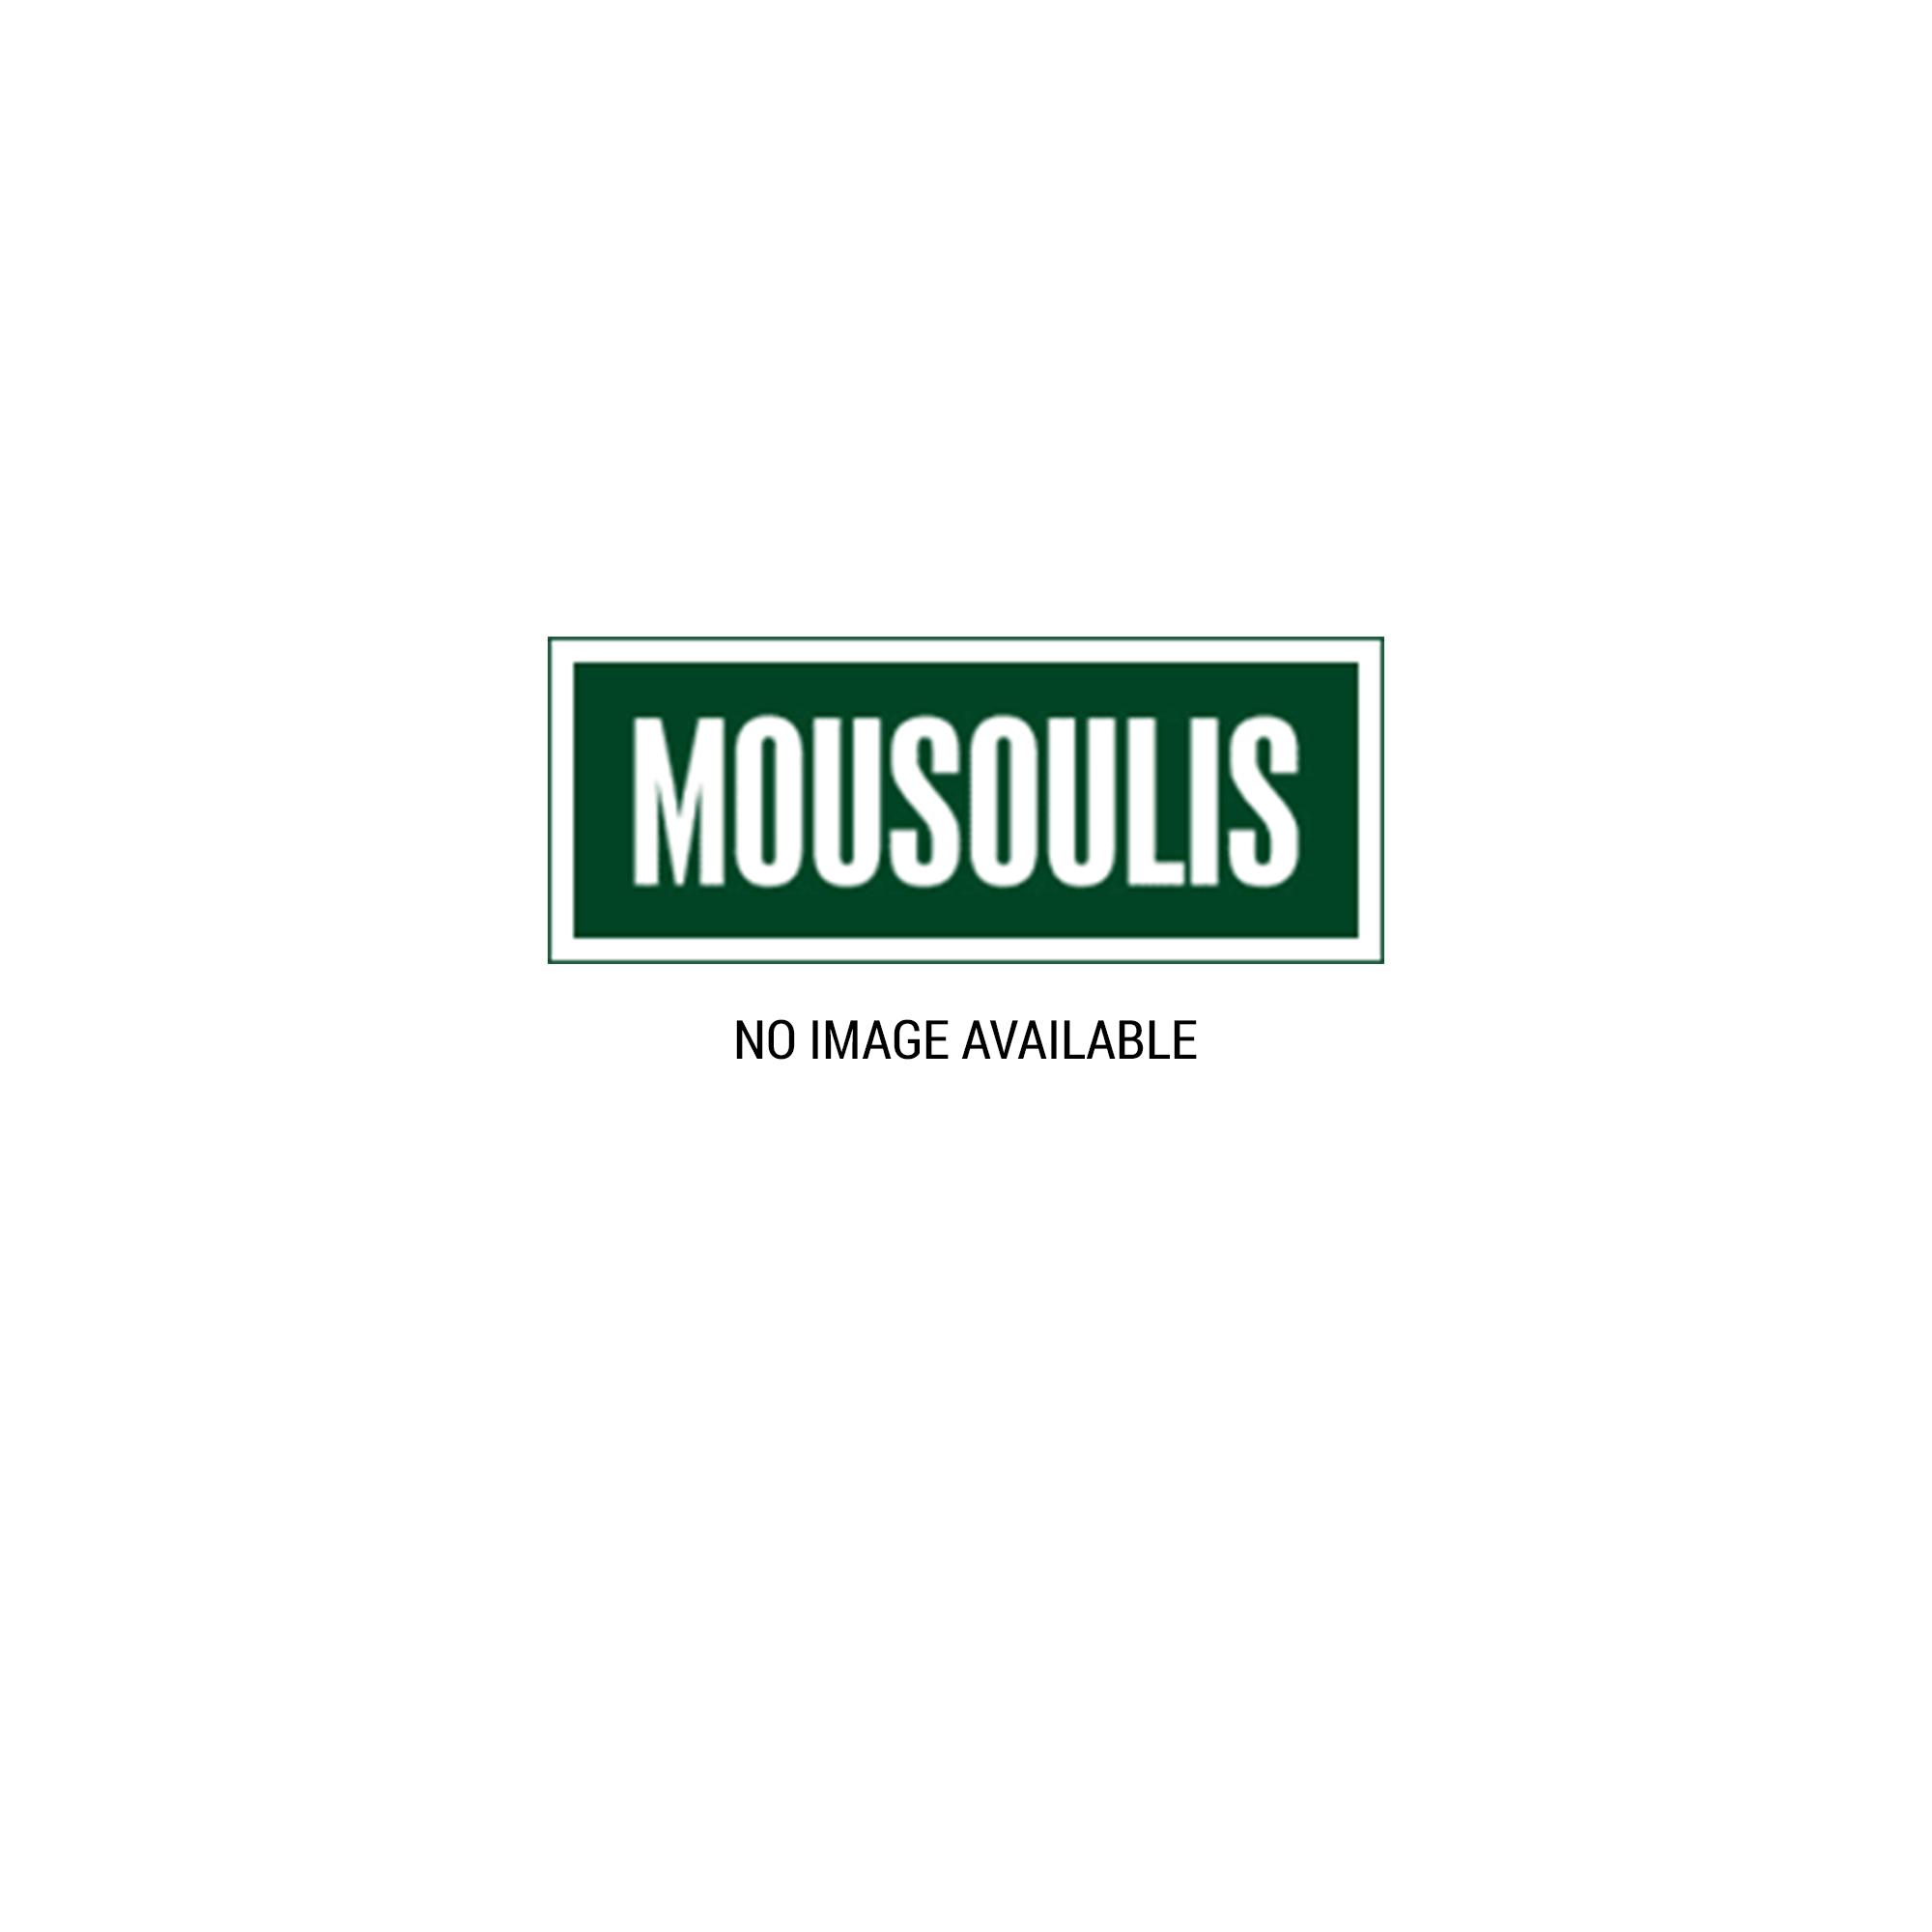 Σαγιονάρα με Λογότυπο και Ανάγλυφο Πέλμα MF3KS003 Πράσινο